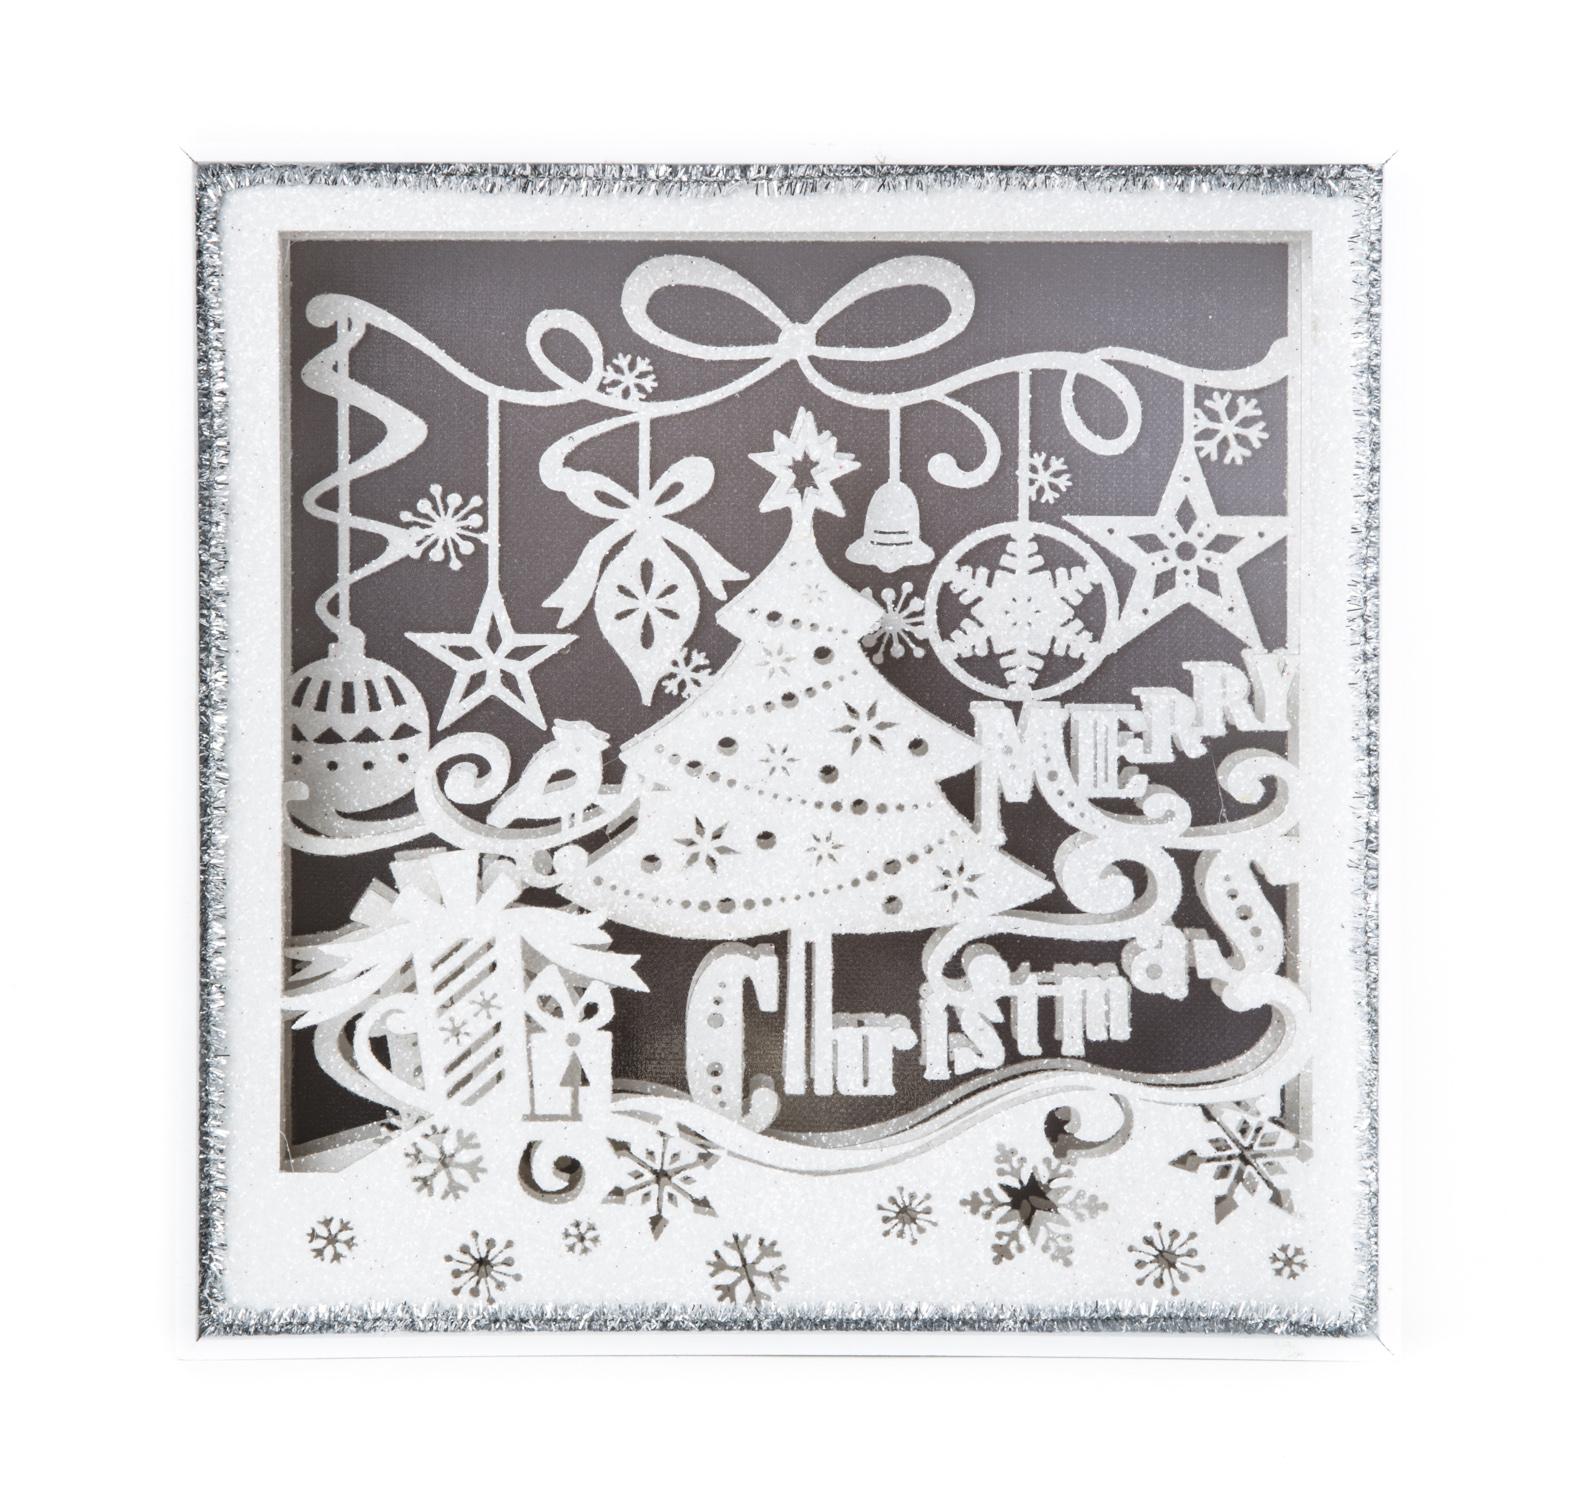 聖誕快樂雕刻擺飾8吋